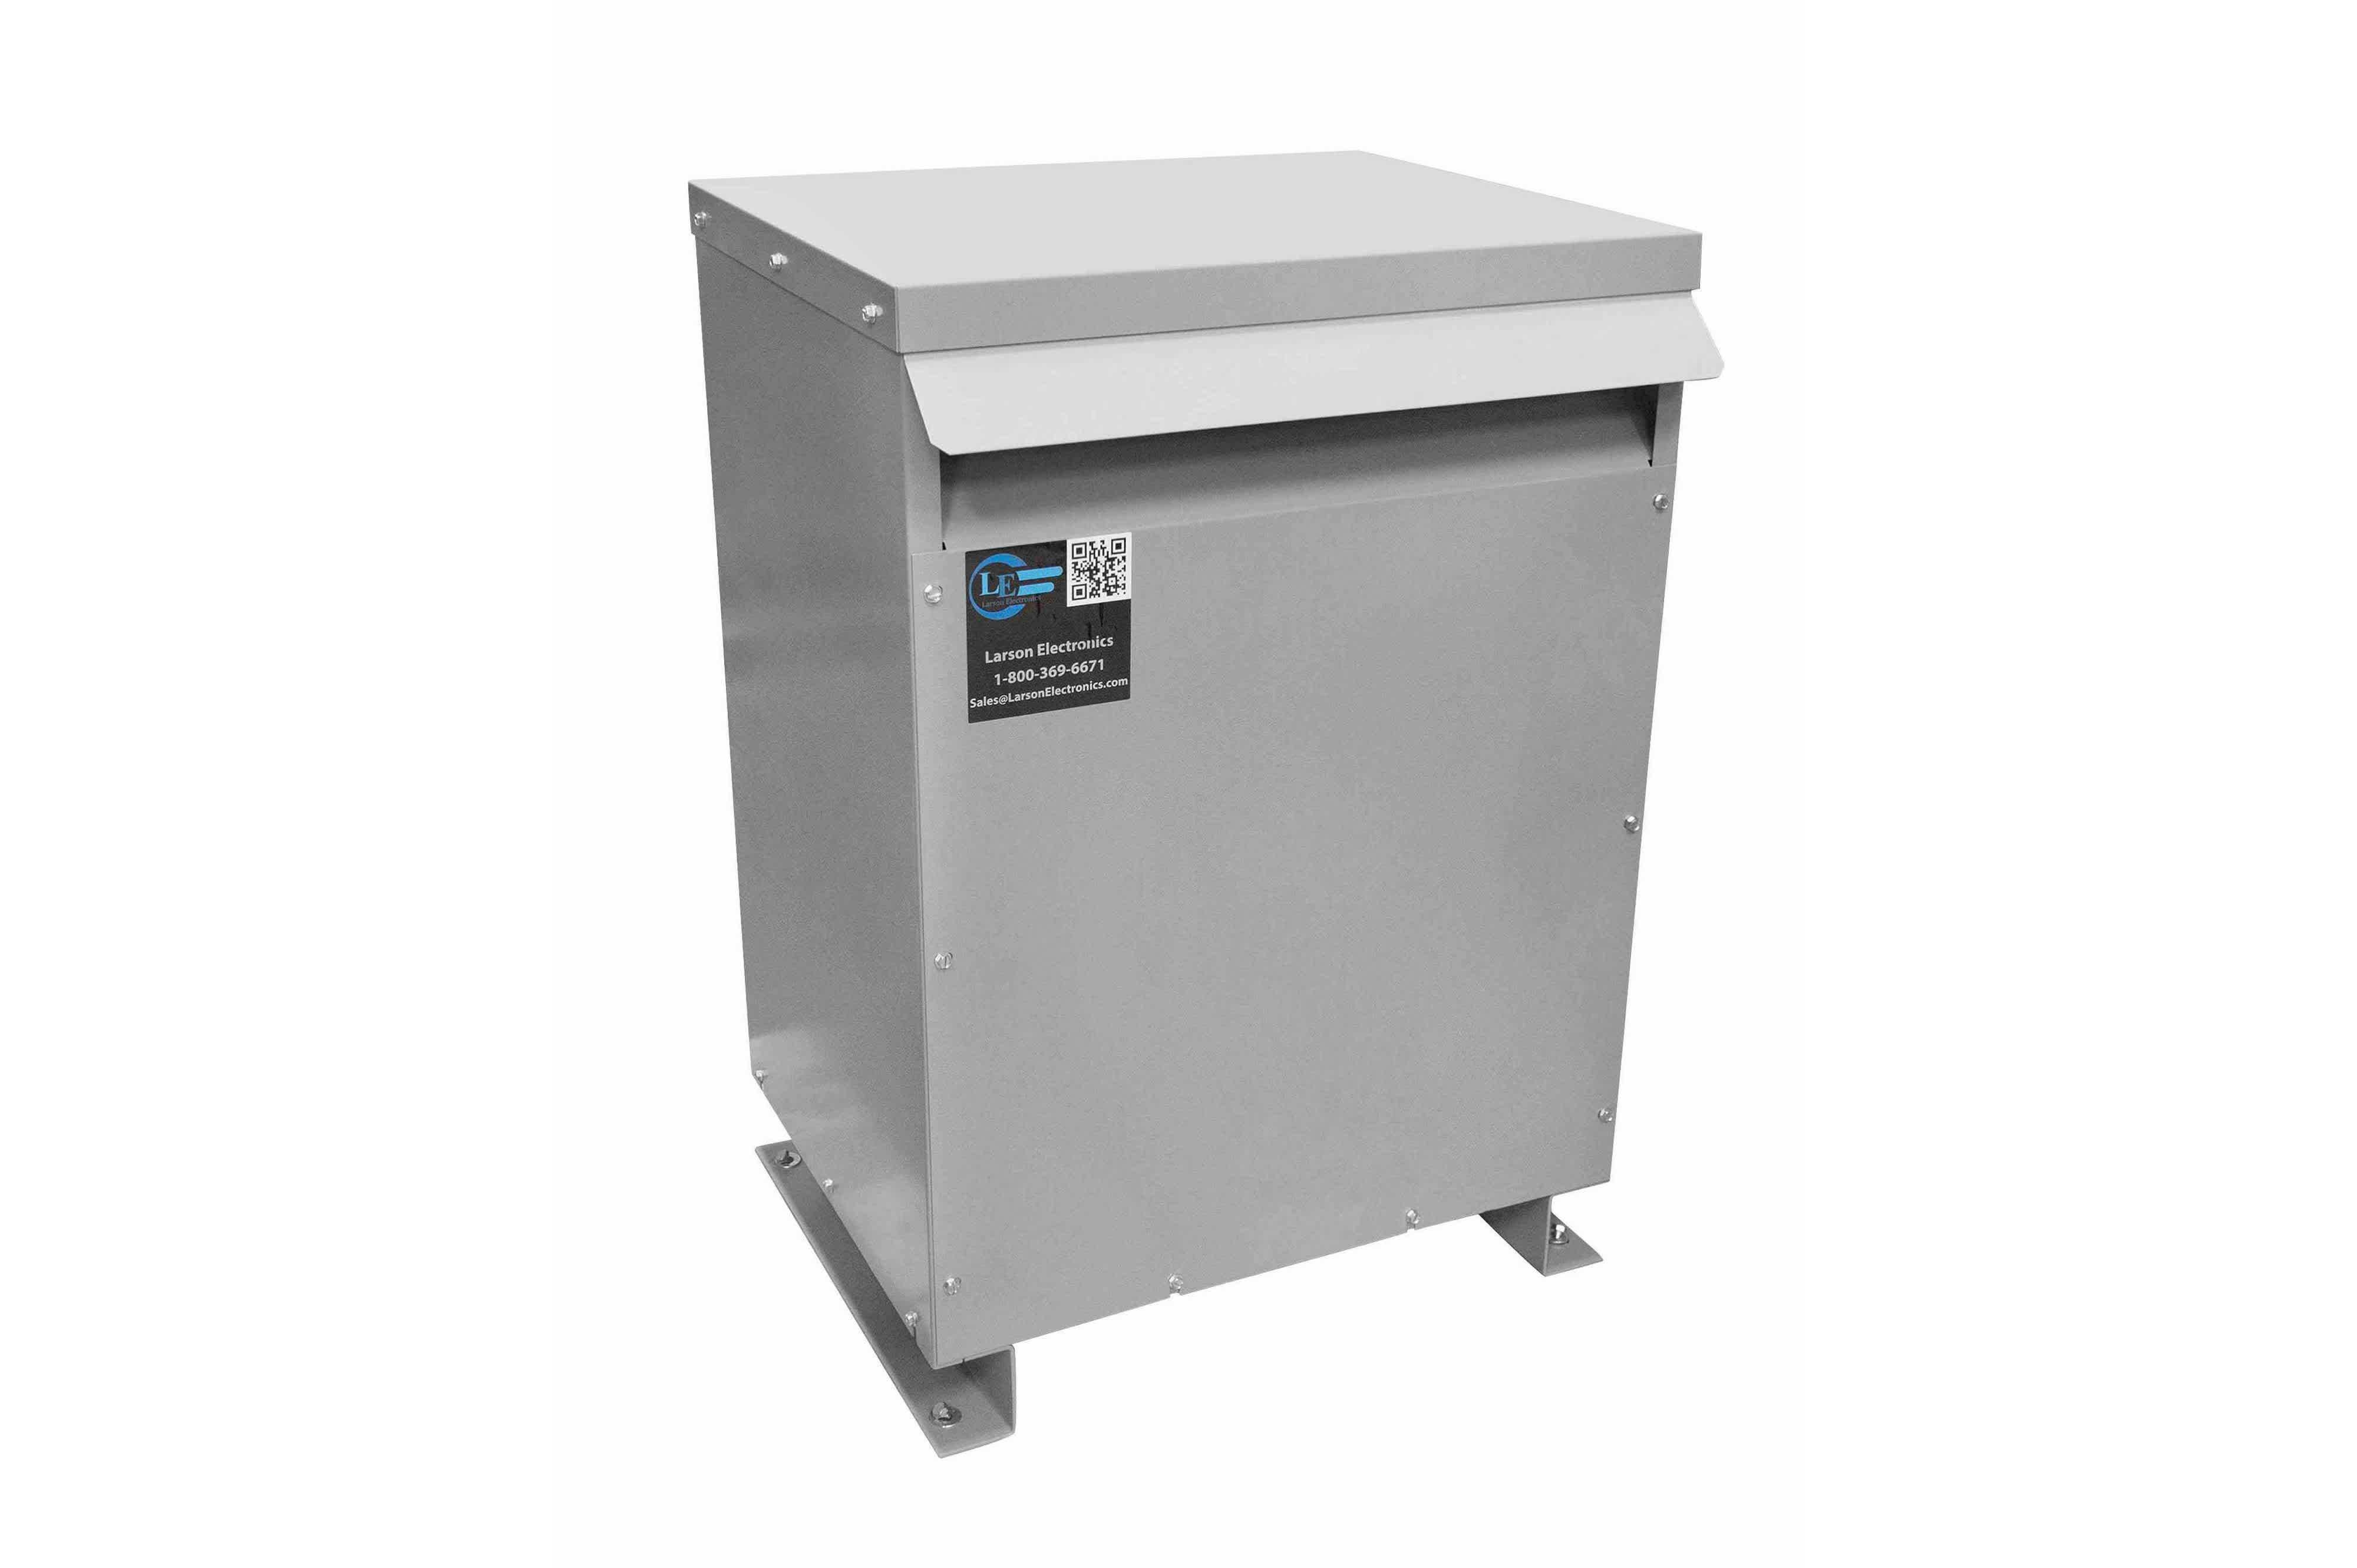 42.5 kVA 3PH Isolation Transformer, 208V Delta Primary, 400V Delta Secondary, N3R, Ventilated, 60 Hz